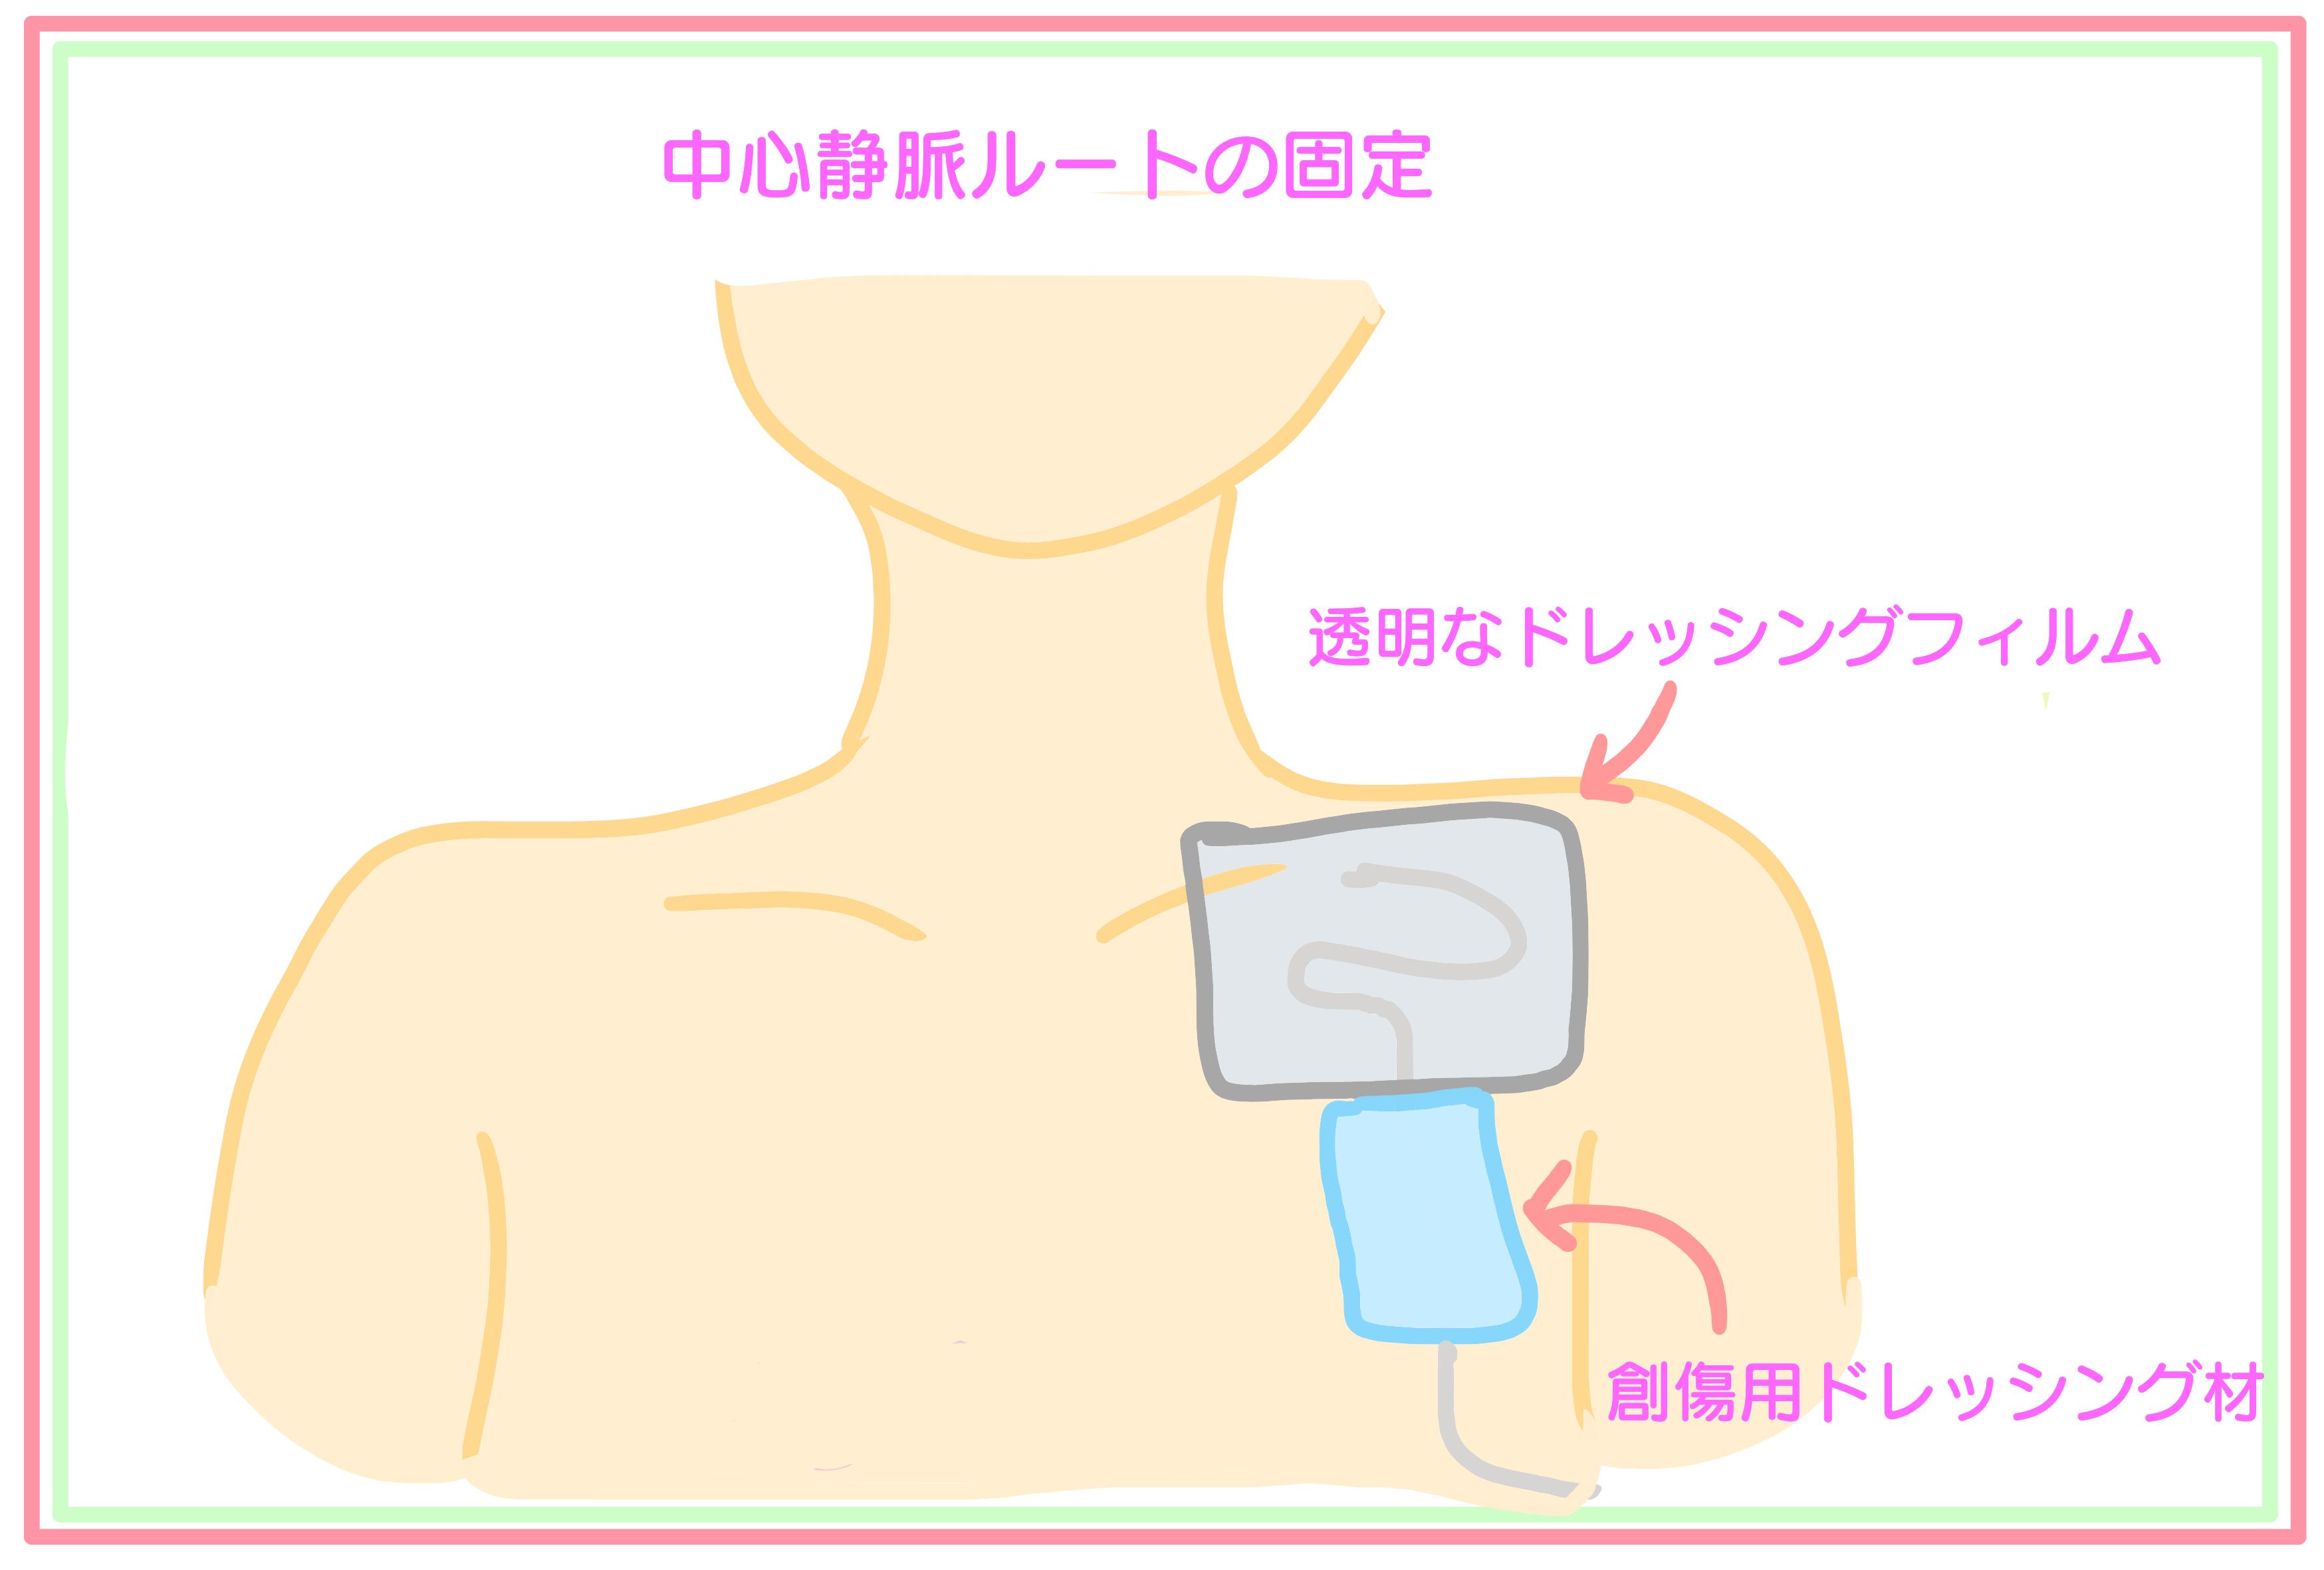 静脈 栄養 中心